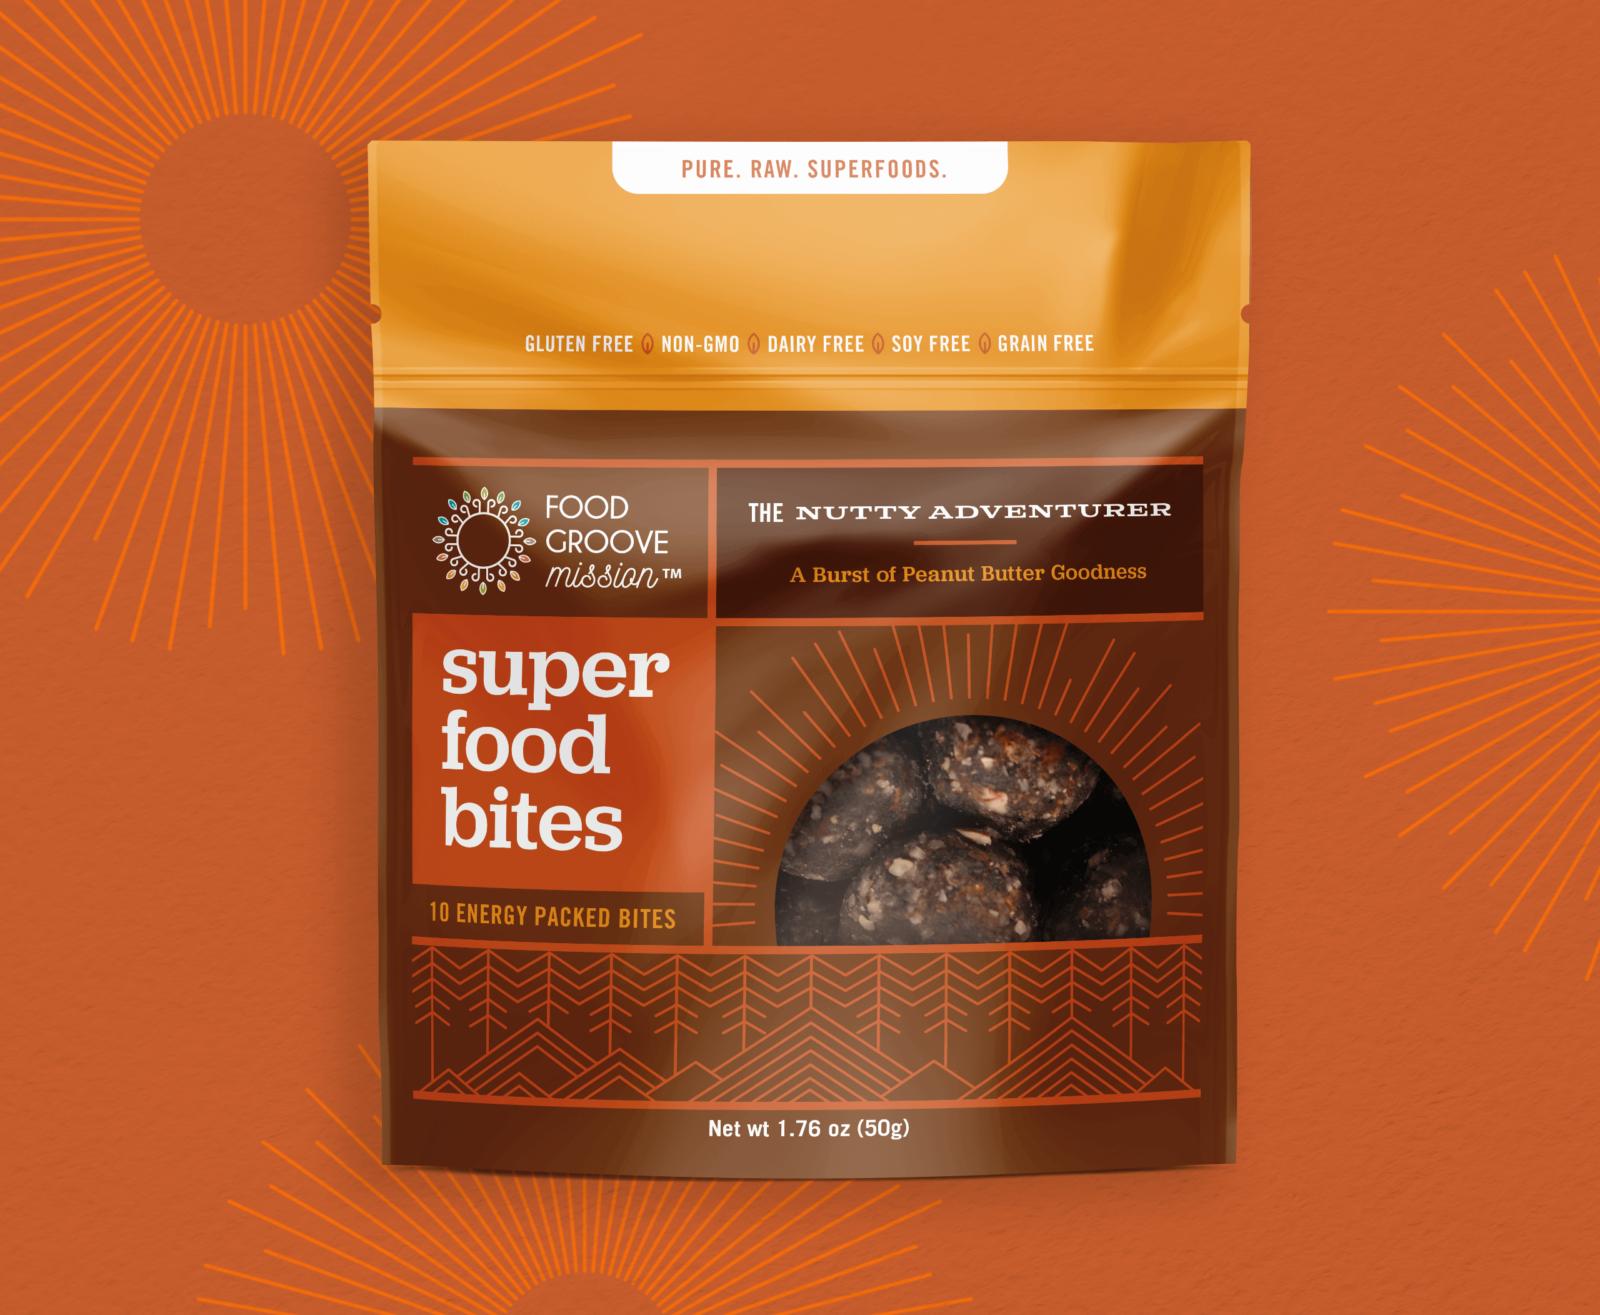 Food Groove Packaging Design Orange